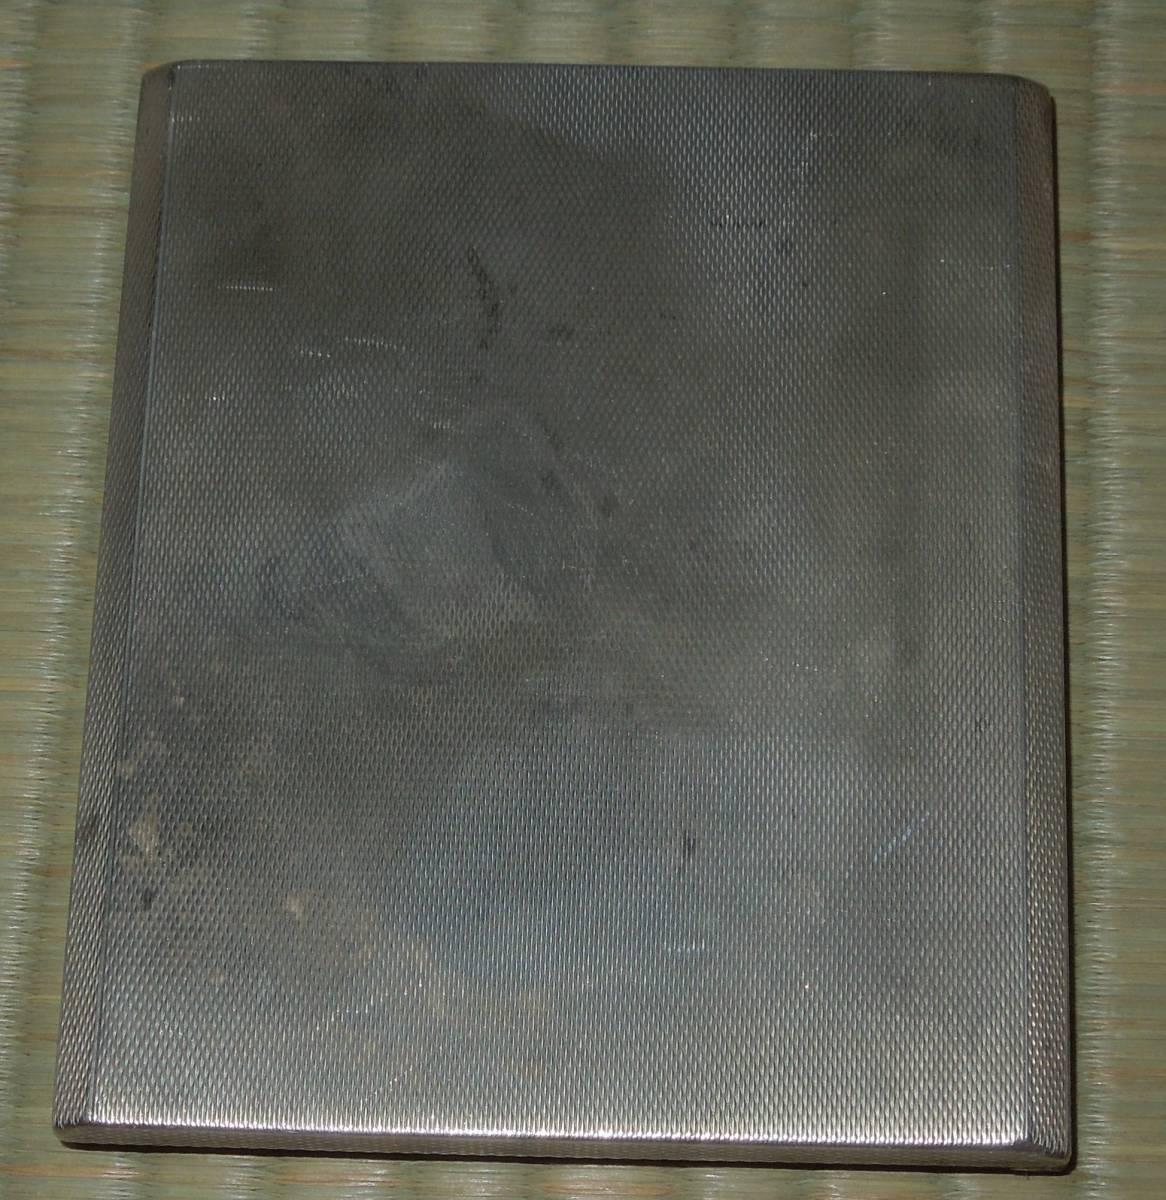 純銀・銀製 MAPPIN&WEBB マッピン&ウェブ 刻印あり  シガレットケース タバコケース 煙草入れ 約179g